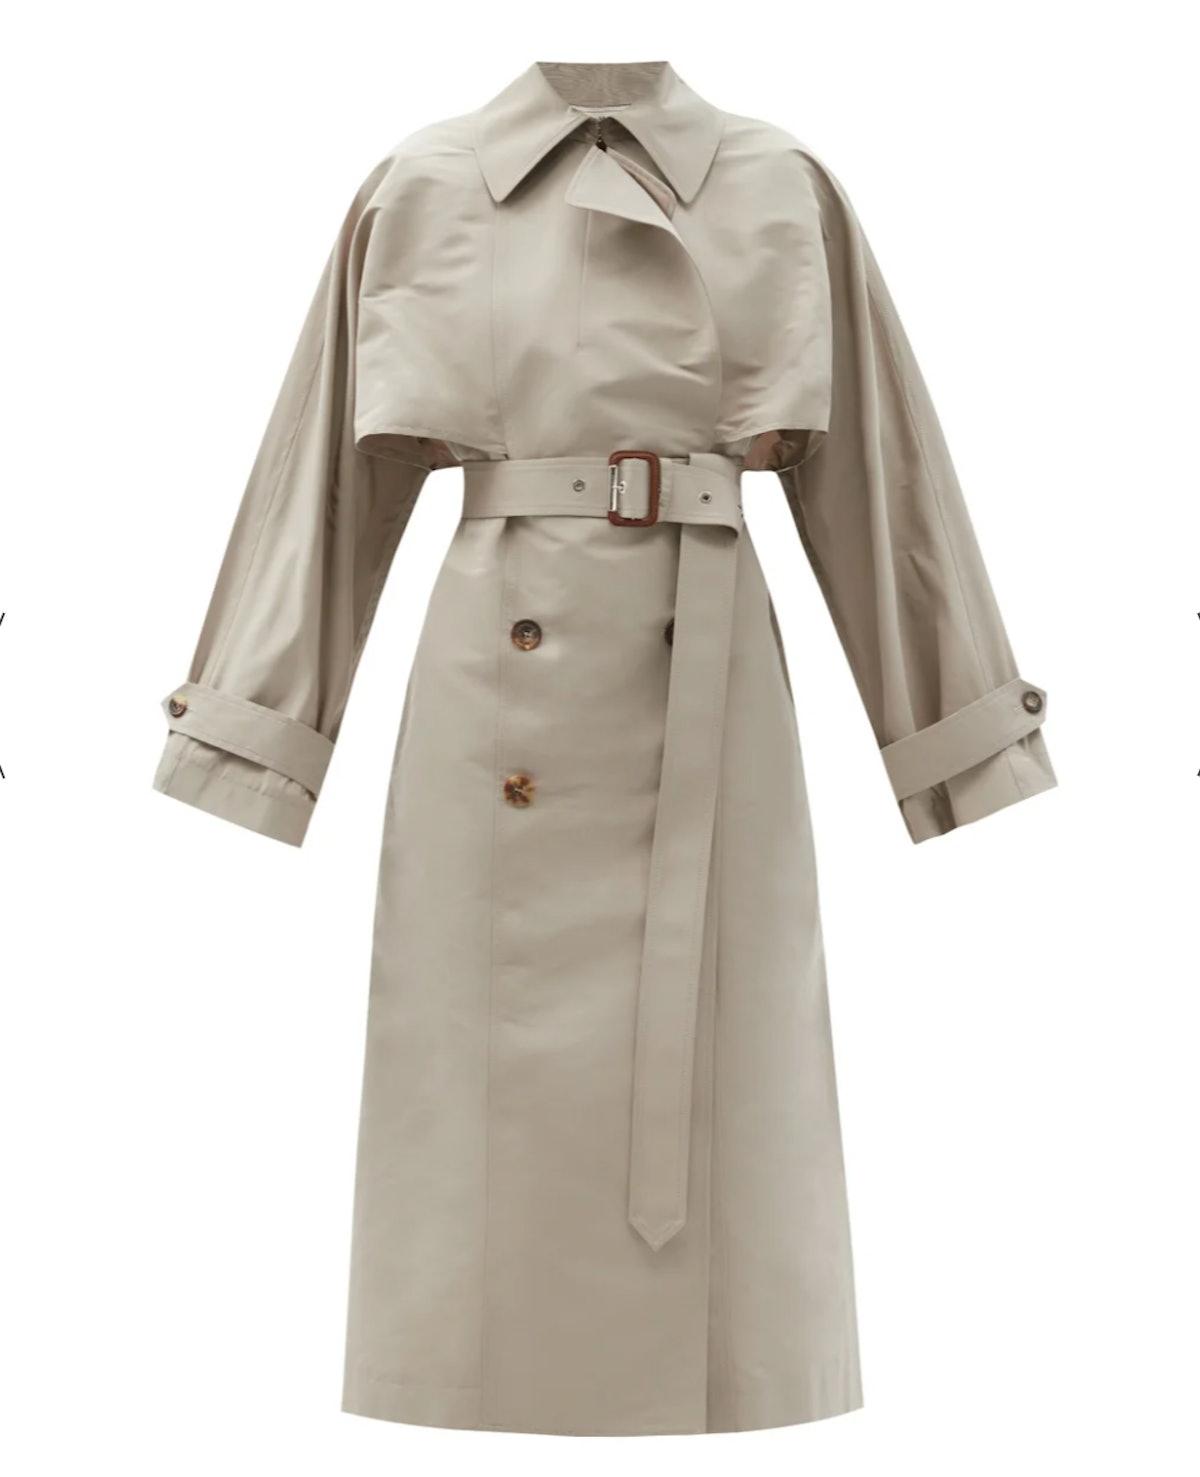 Alexander McQueen Faille Trench Coat